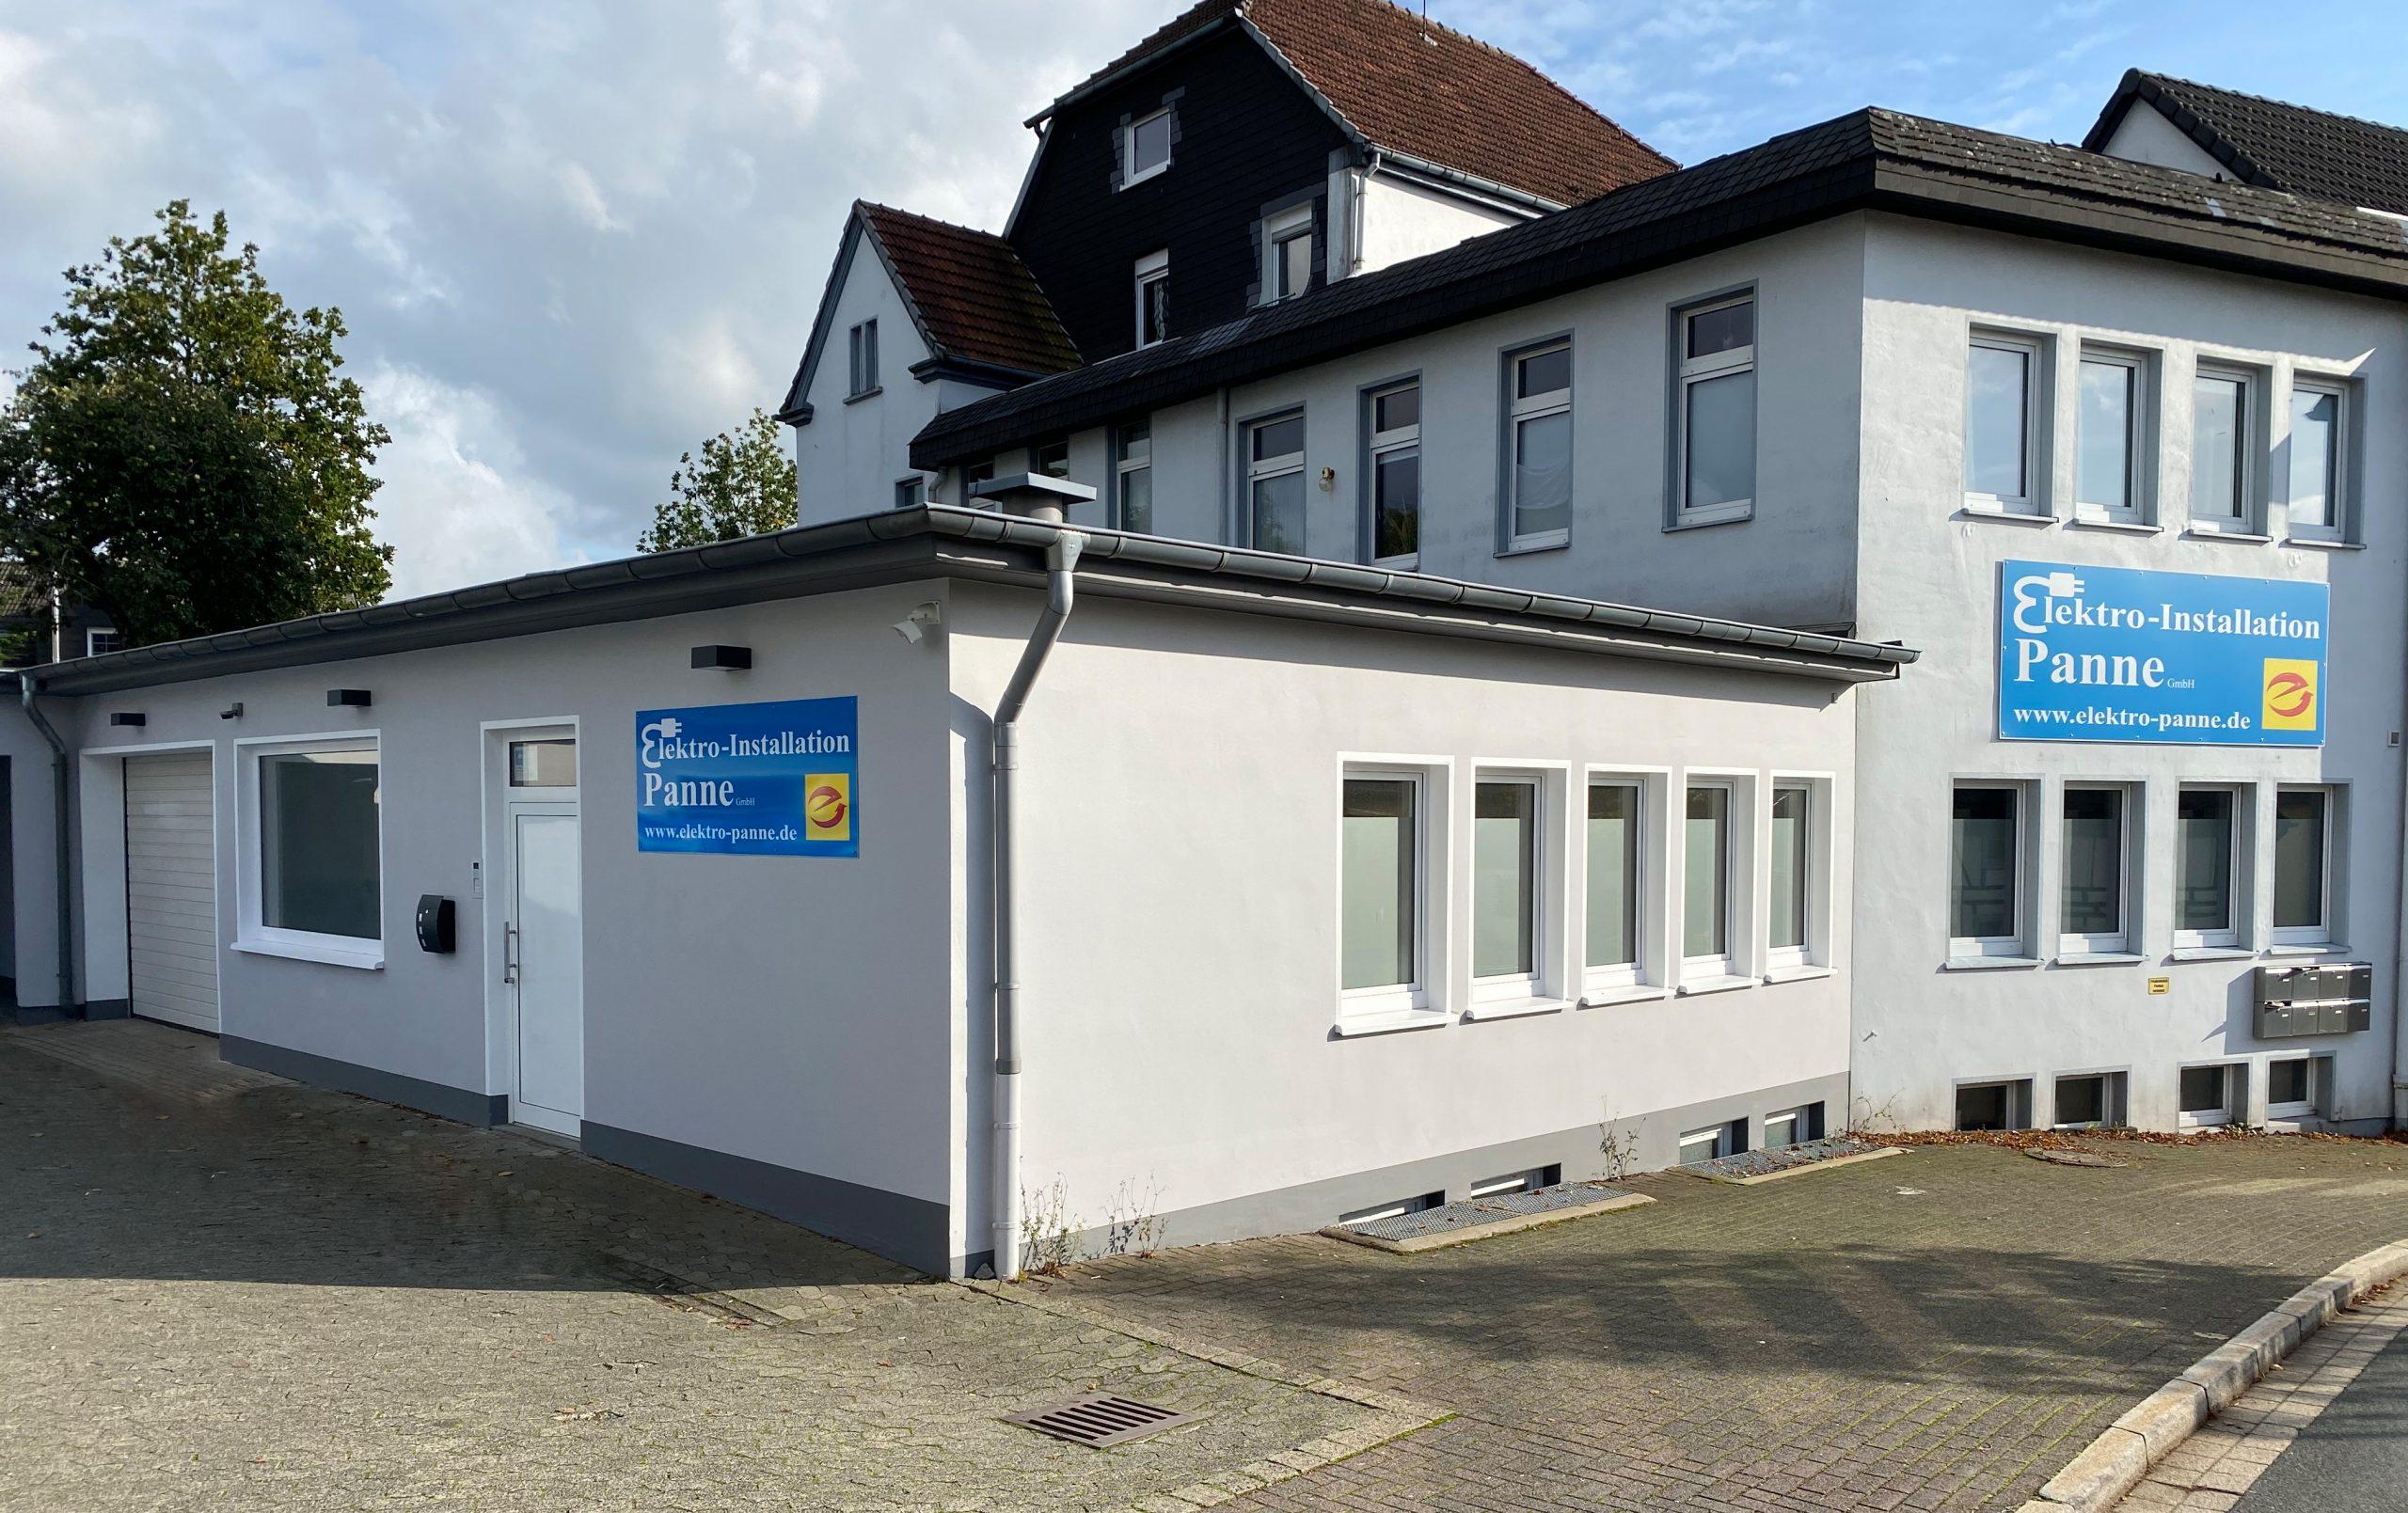 Hauptgebäude Elektro-Installation Panne GmbH in Halver